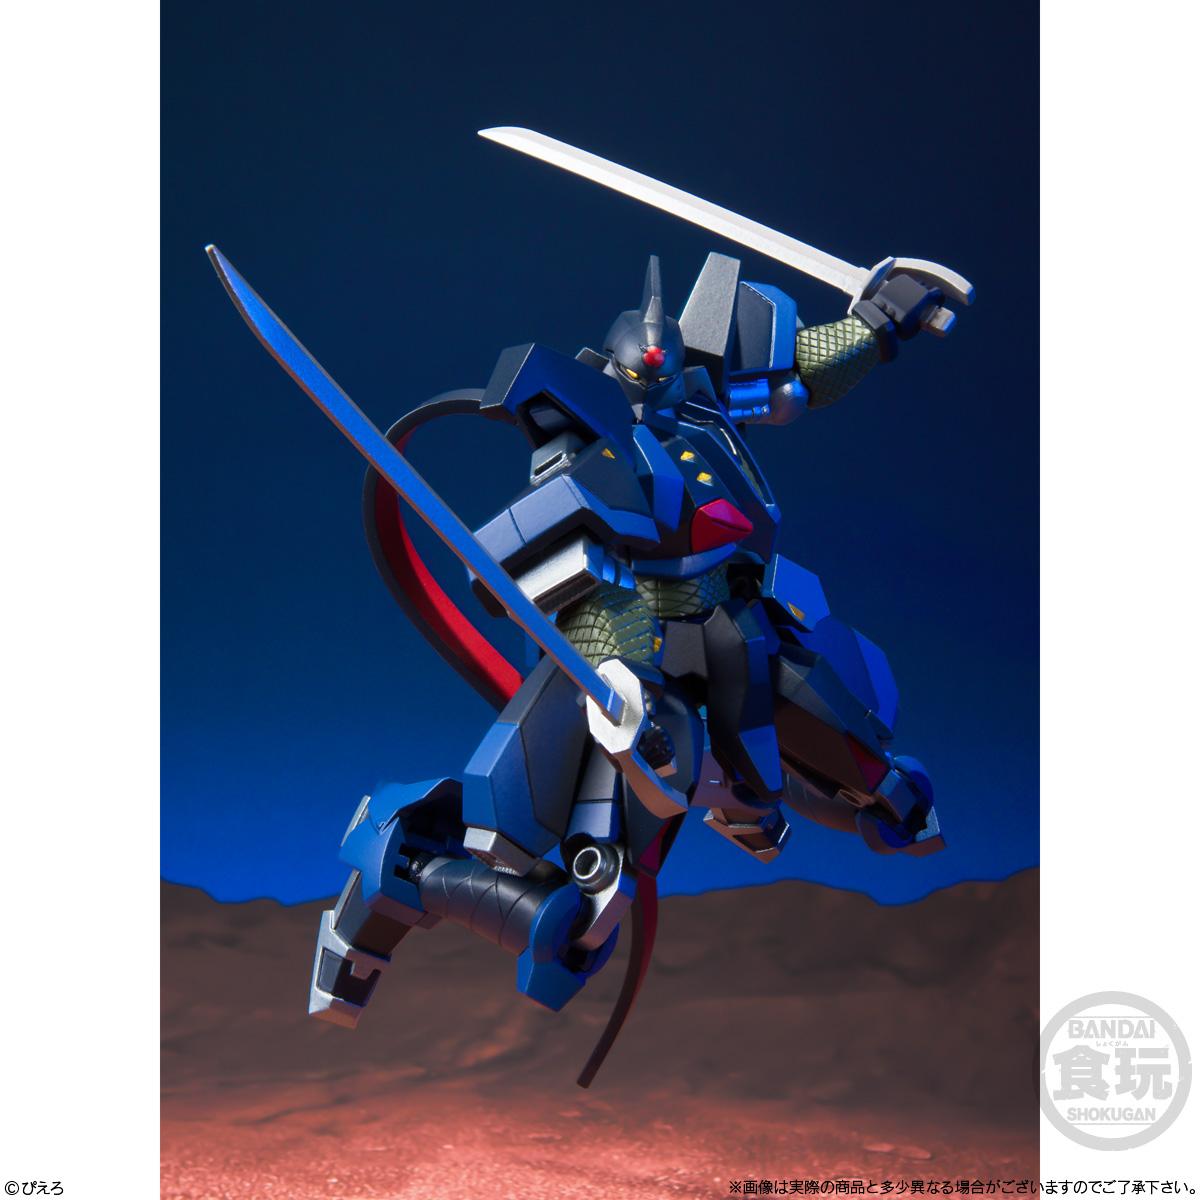 【食玩】スーパーミニプラ『忍者戦士 飛影Vol.3』3個入りBOX-003